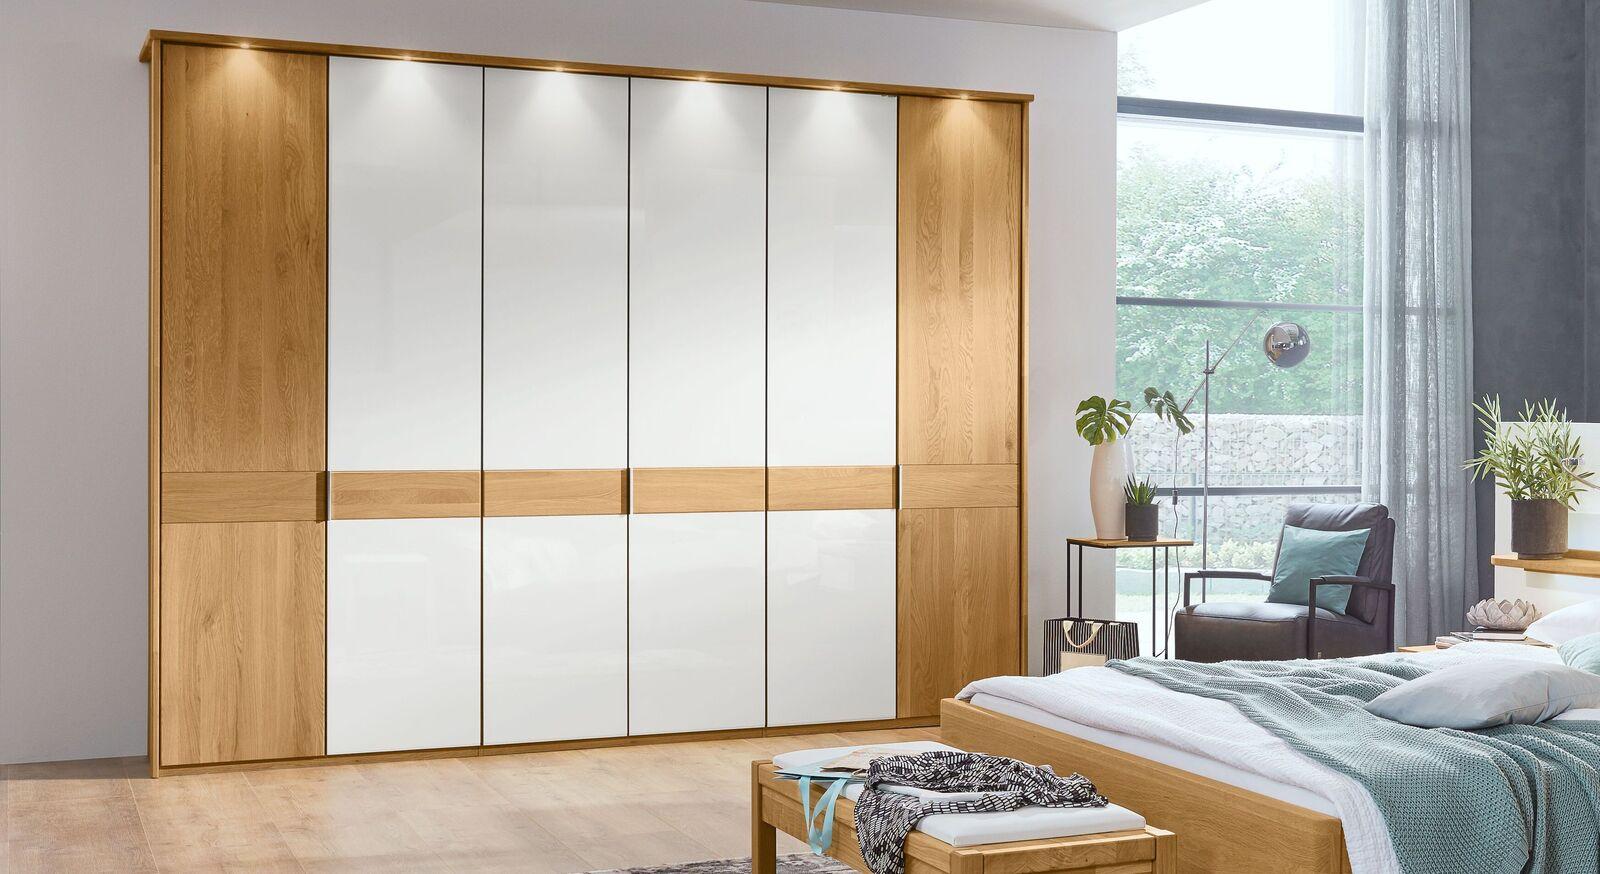 MUSTERRING Drehtüren-Kleiderschrank Savona Weiß mit optionaler Beleuchtung